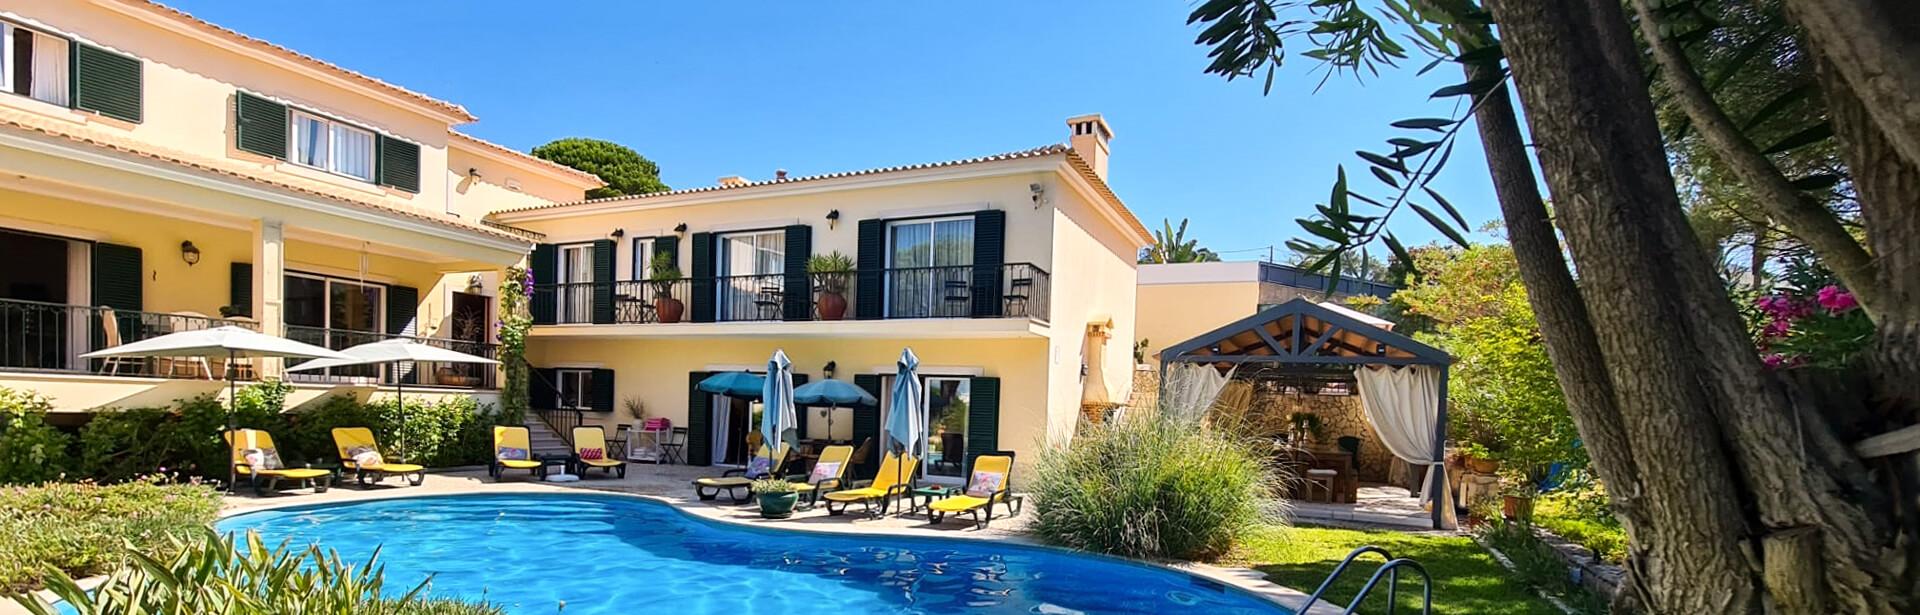 Vila de Sol, uma casa de férias em Sesimbra